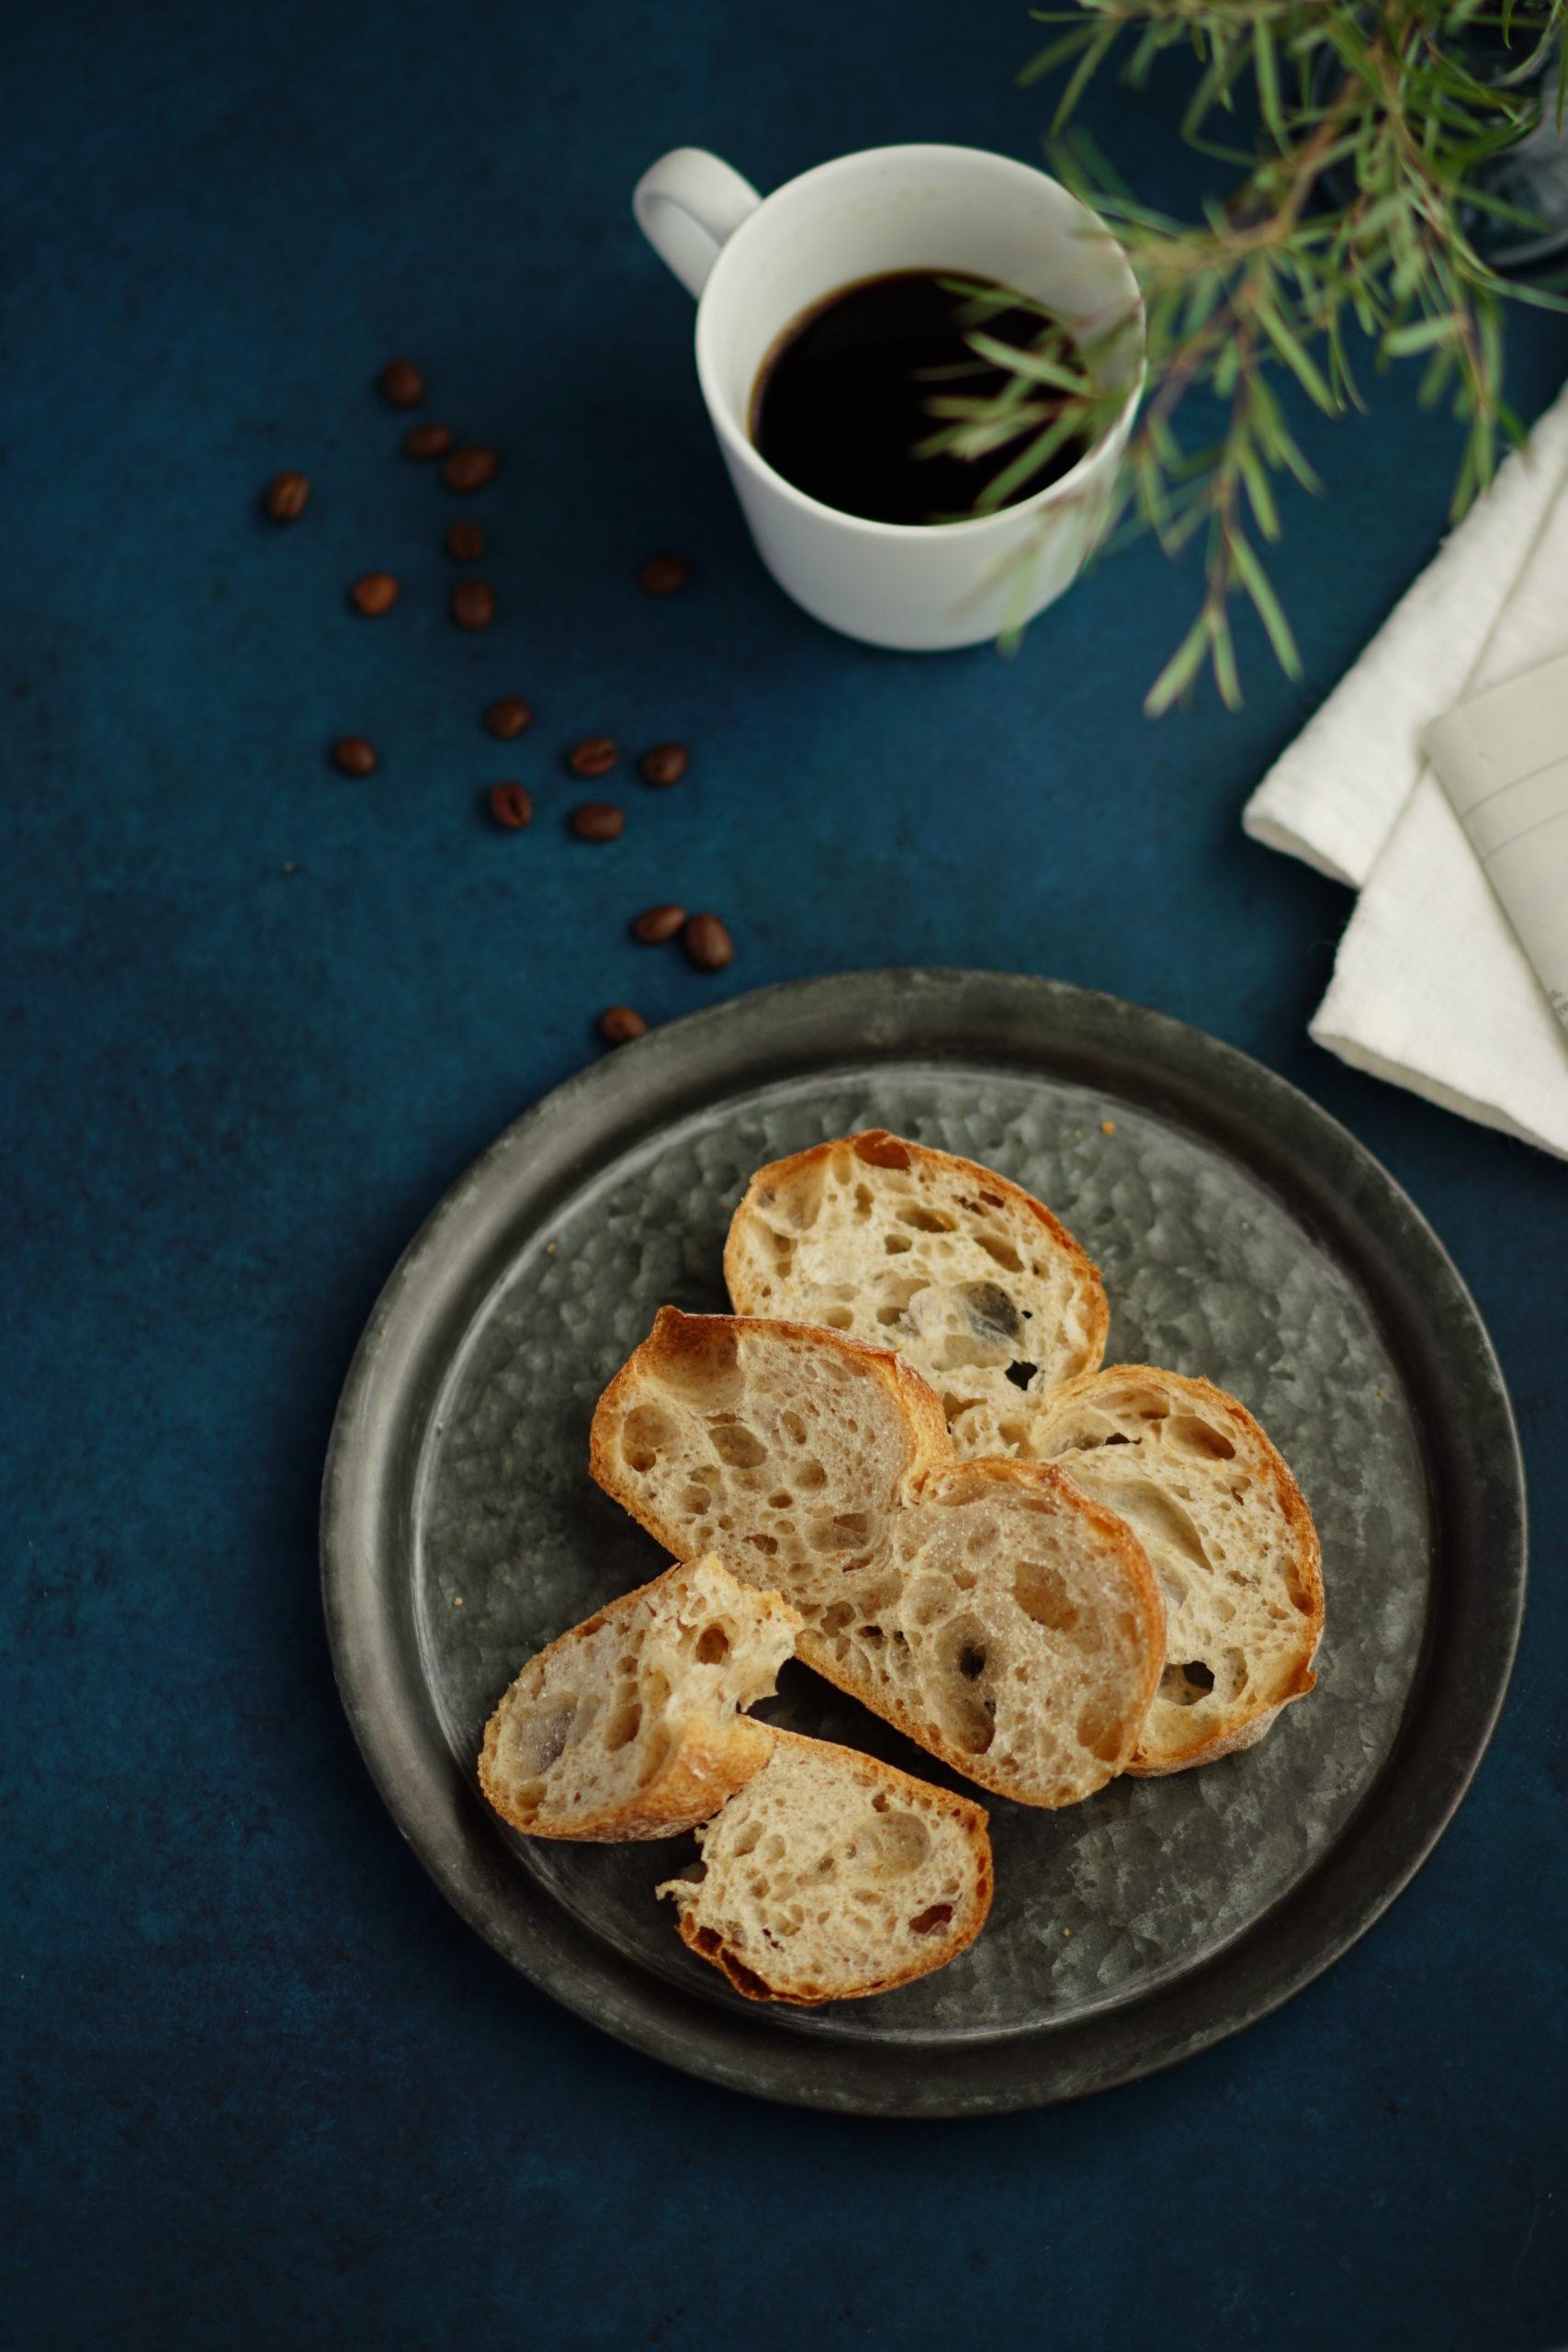 青い背景にパンとコーヒーのおしゃれな写真